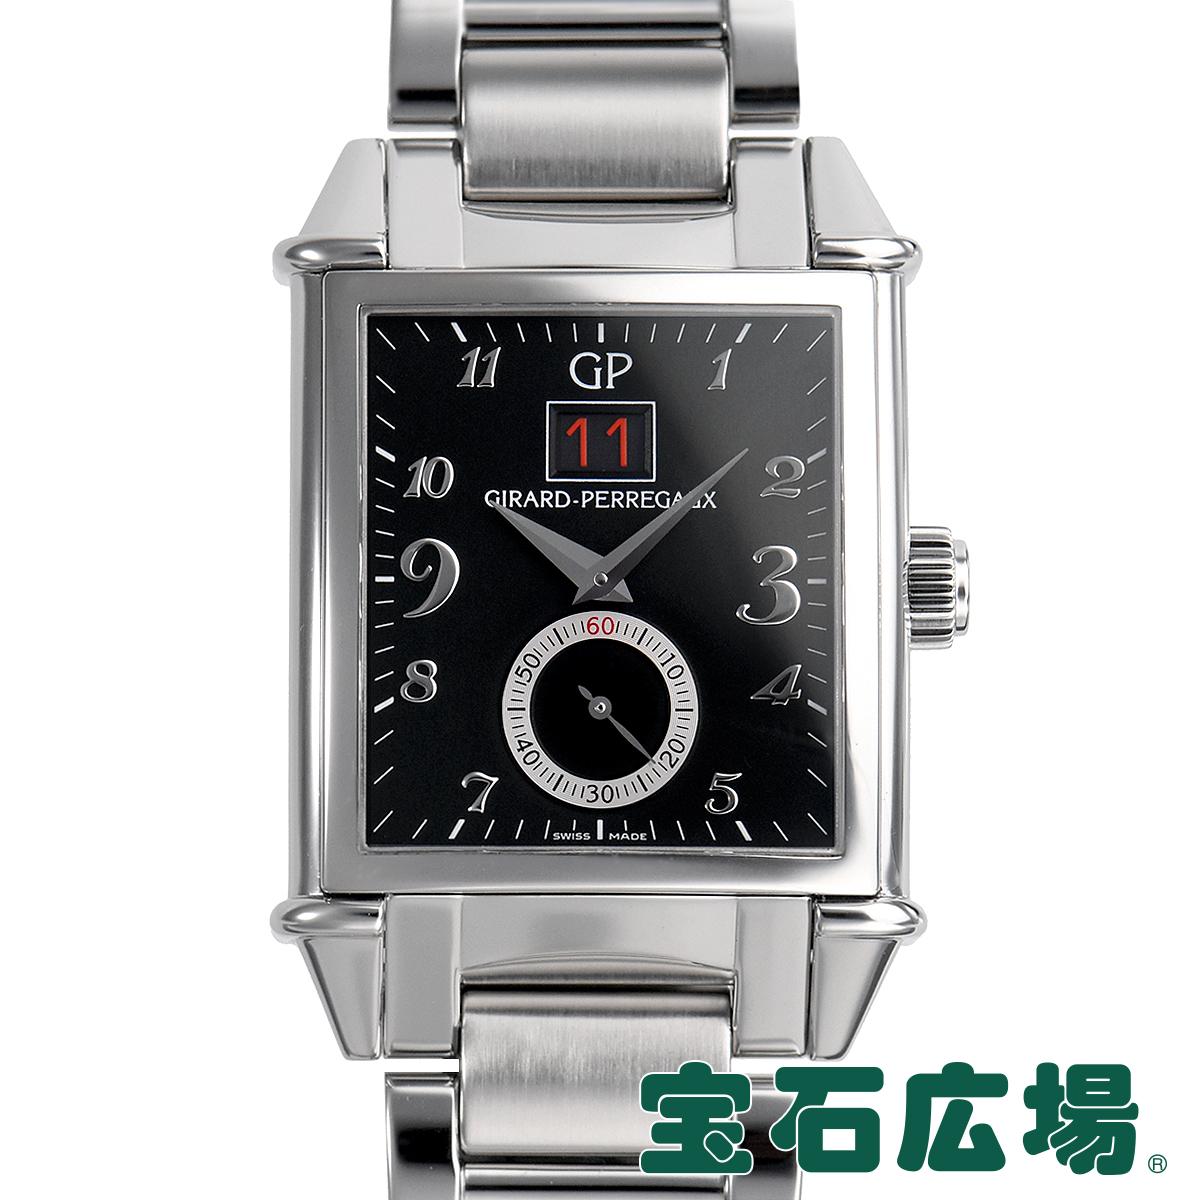 ジラール ペルゴ GIRARD PERREGAUX ヴィンテージ1945 ビッグデイト 世界限定250本 25805-11-621-11A【中古】メンズ 腕時計 送料無料